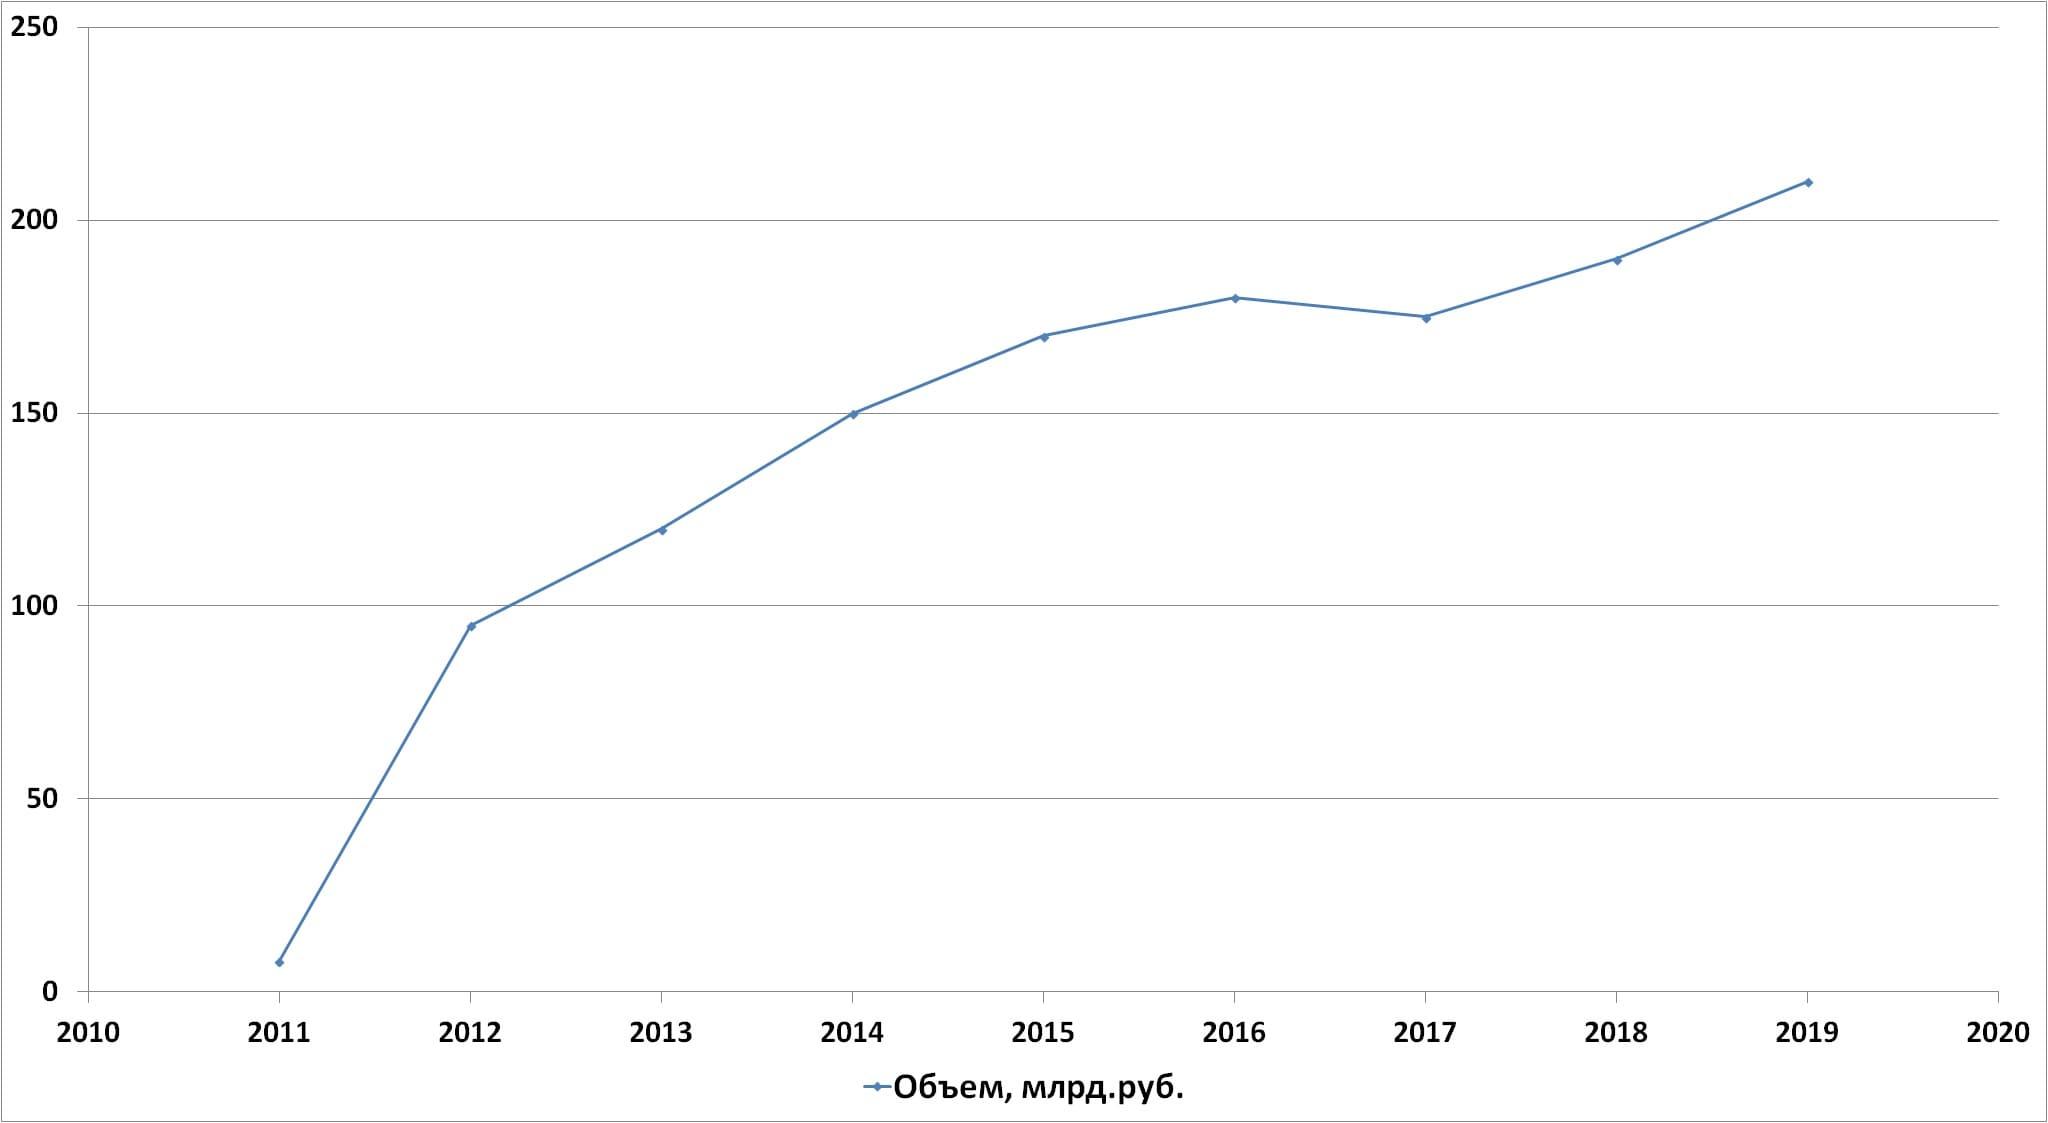 Динамика рынка 3PL-услуг в России